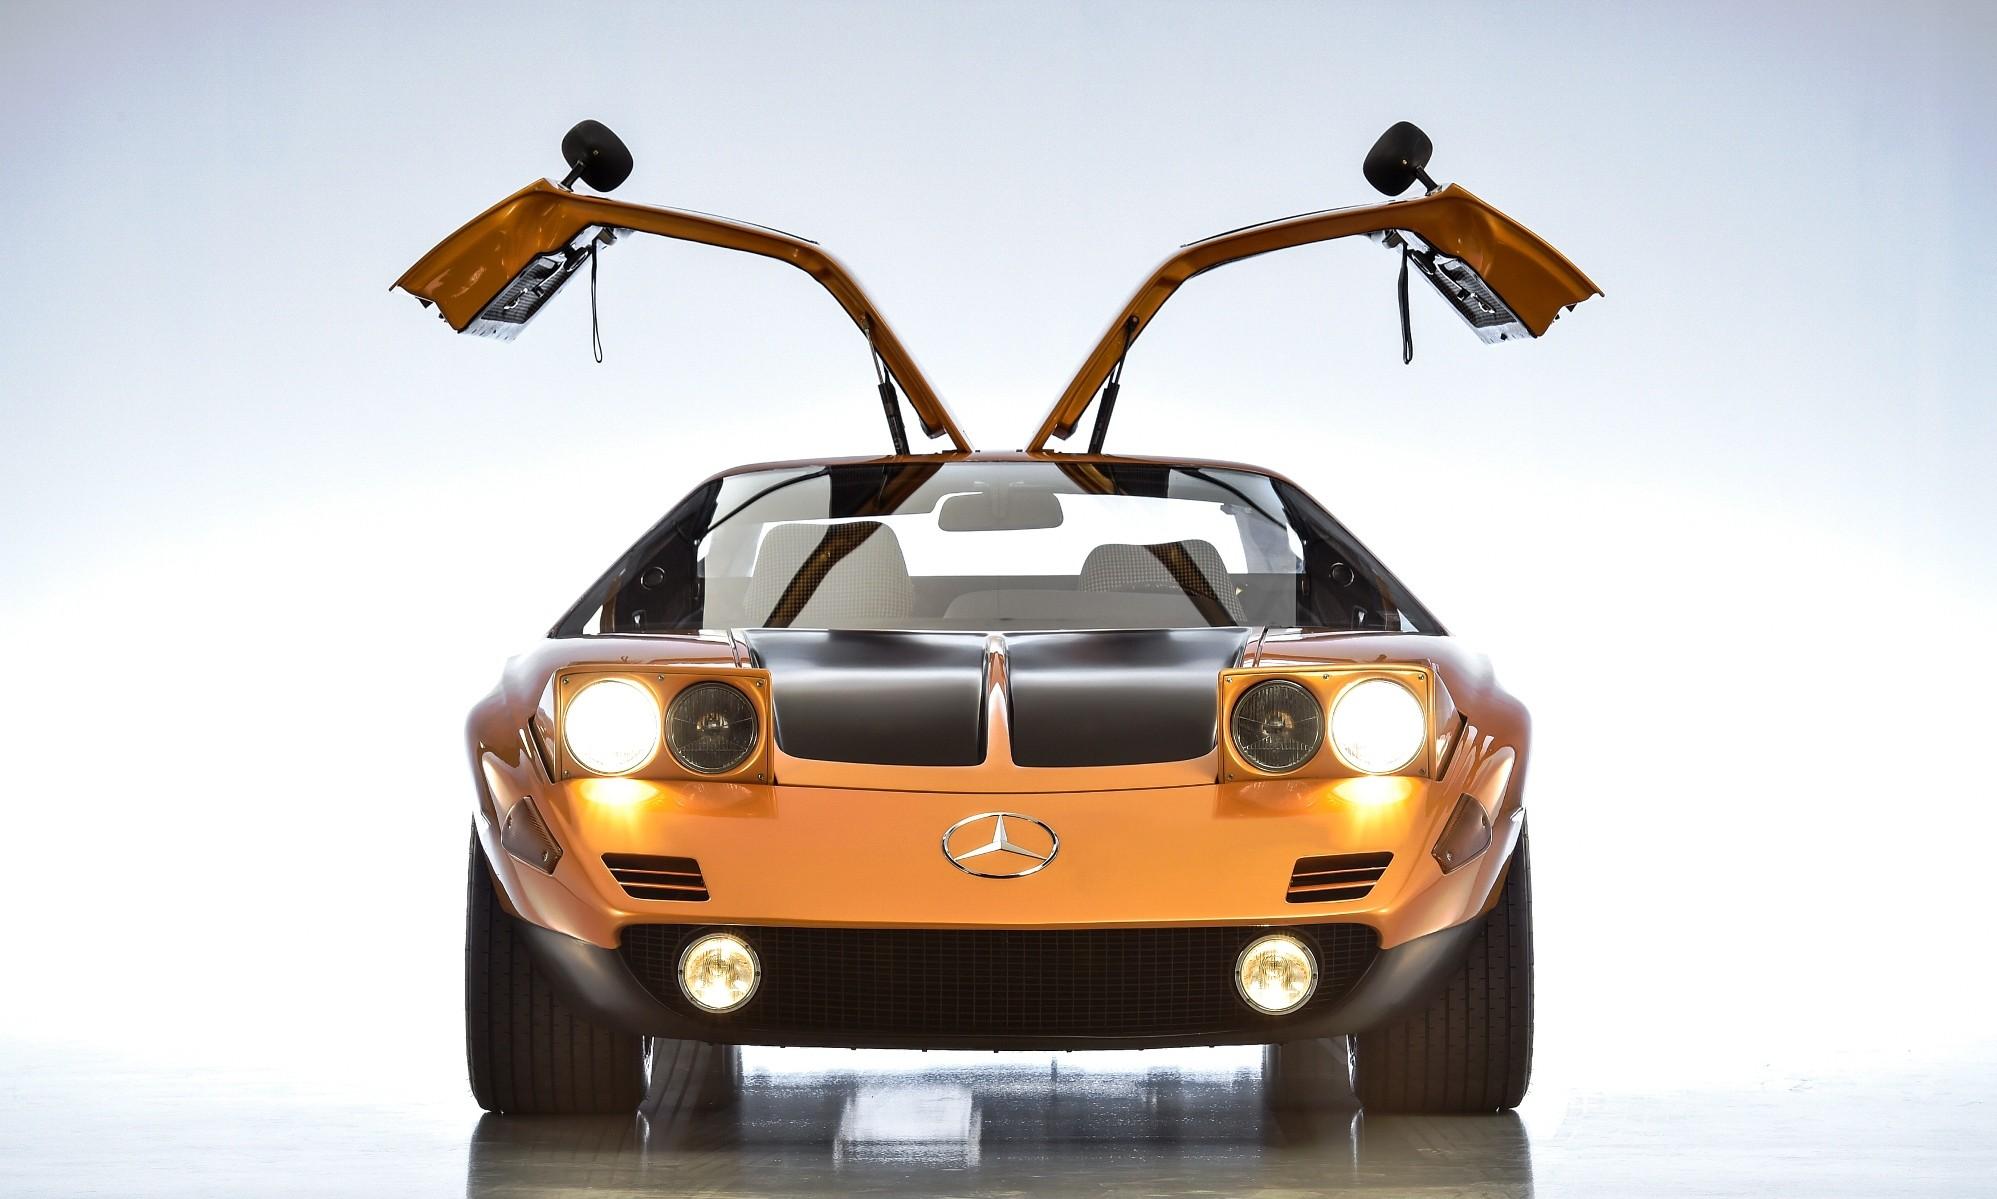 Mercedes-Benz C111 front